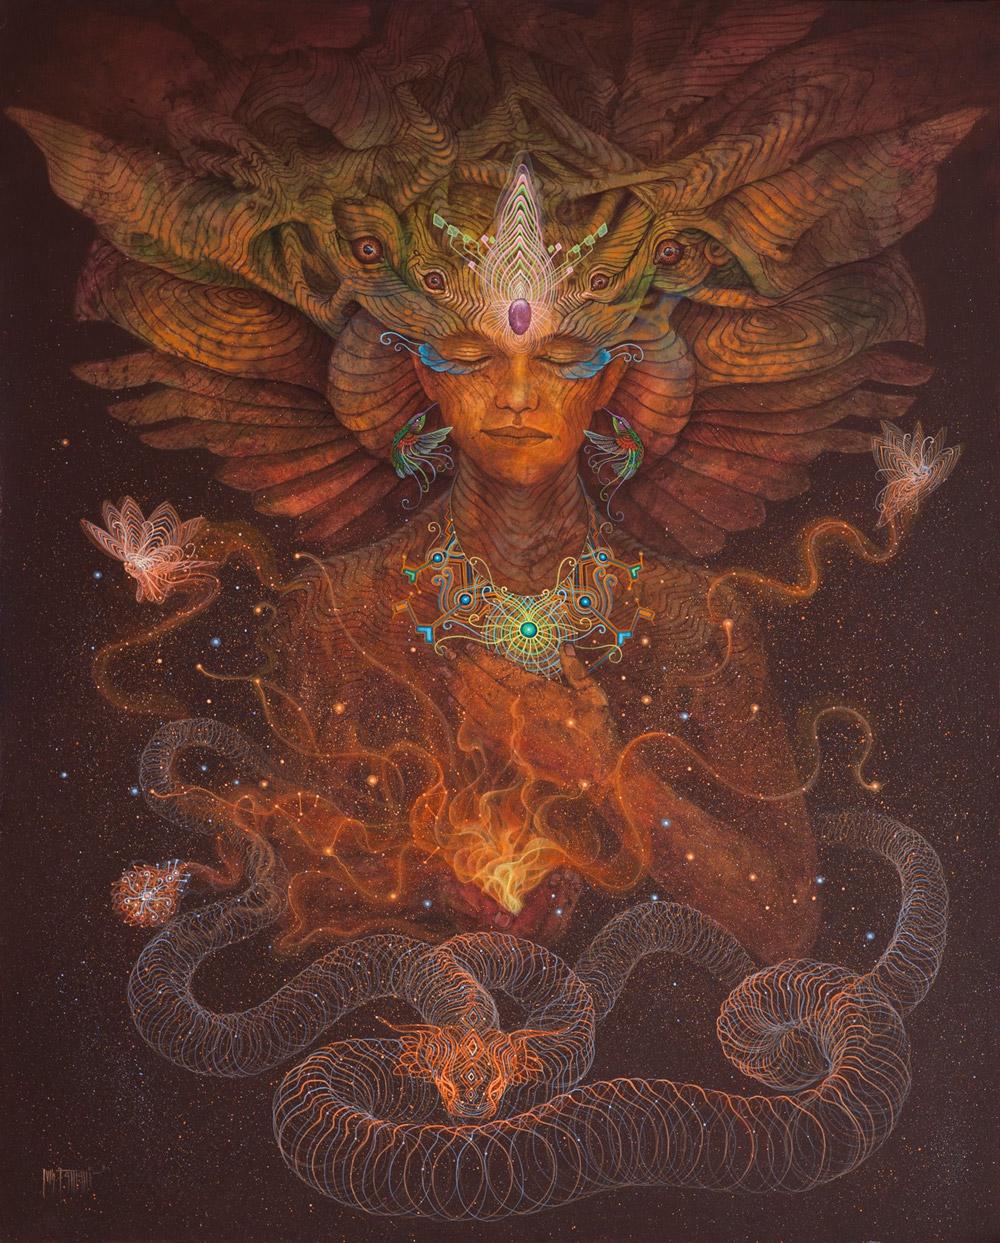 Luis Tamani Artwork